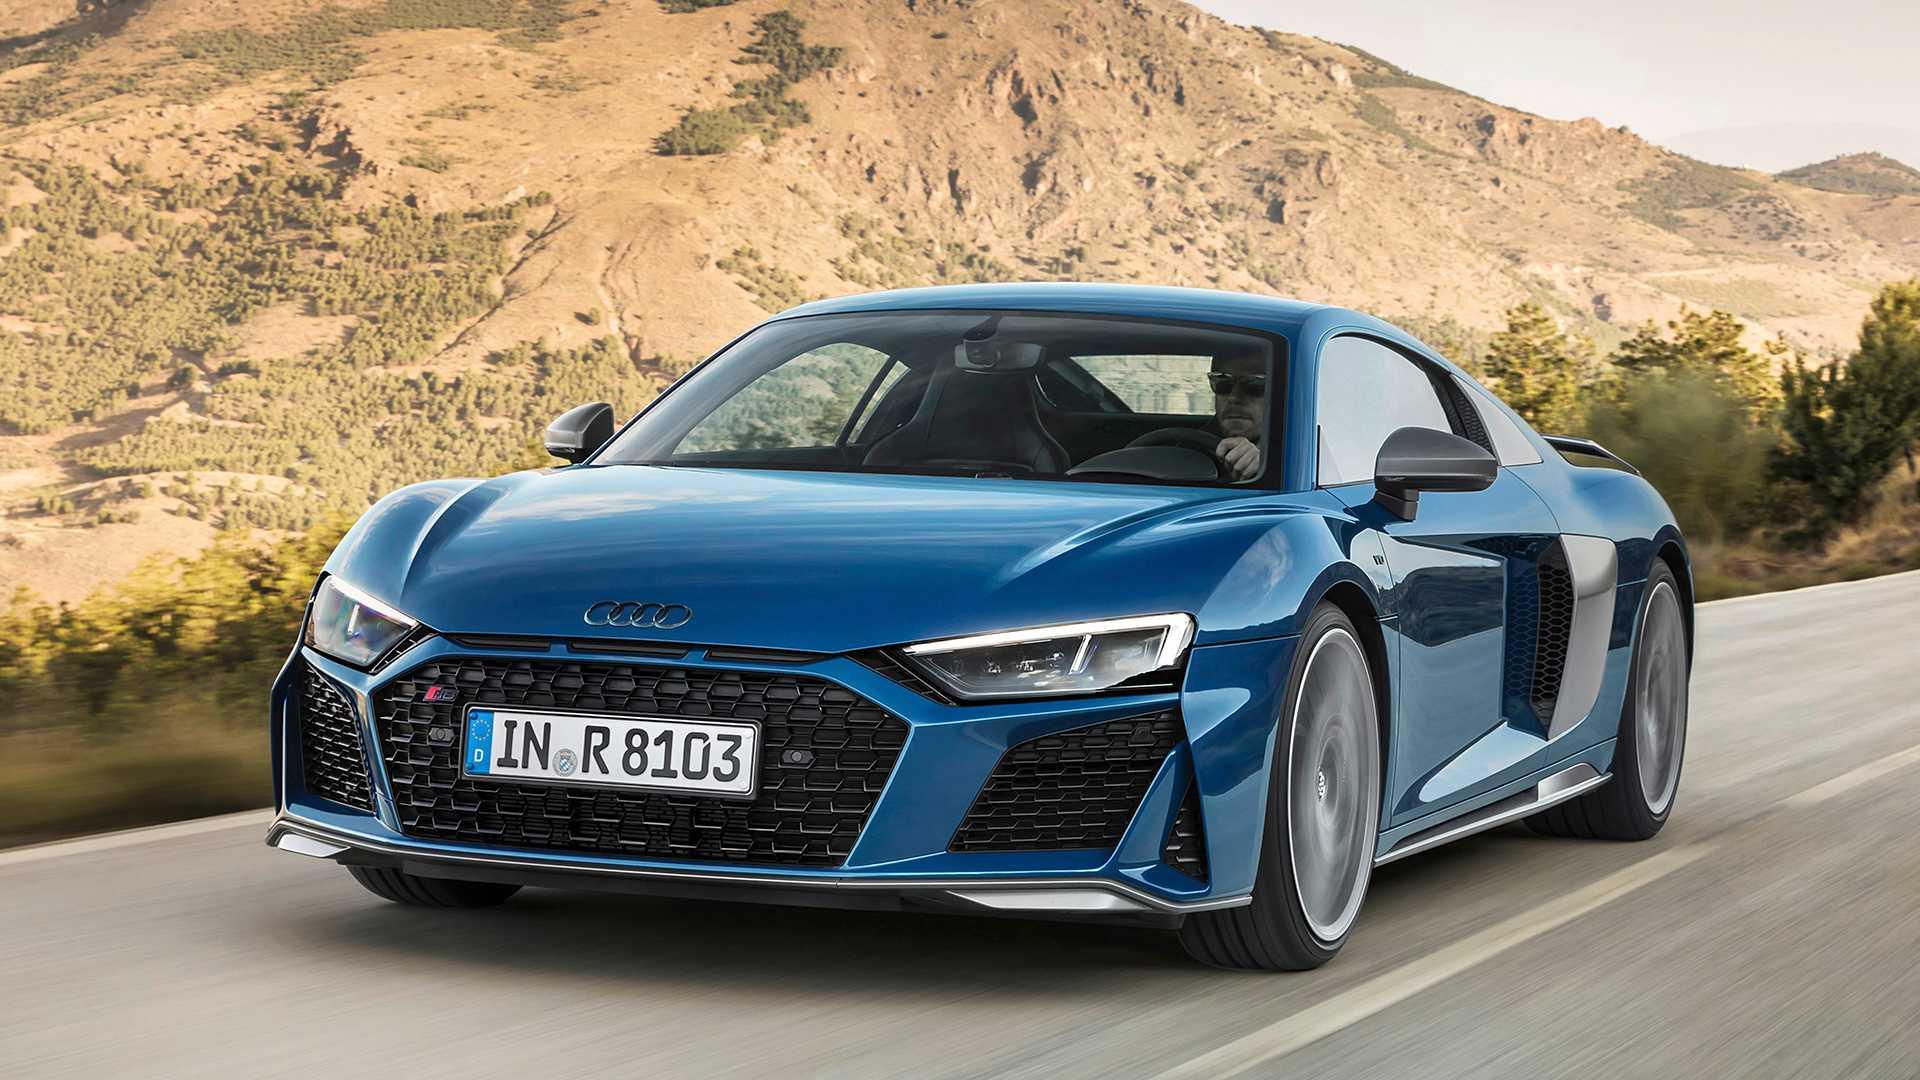 Audi тестирует каждый R8 на дорогах перед выдачей клиенту 1